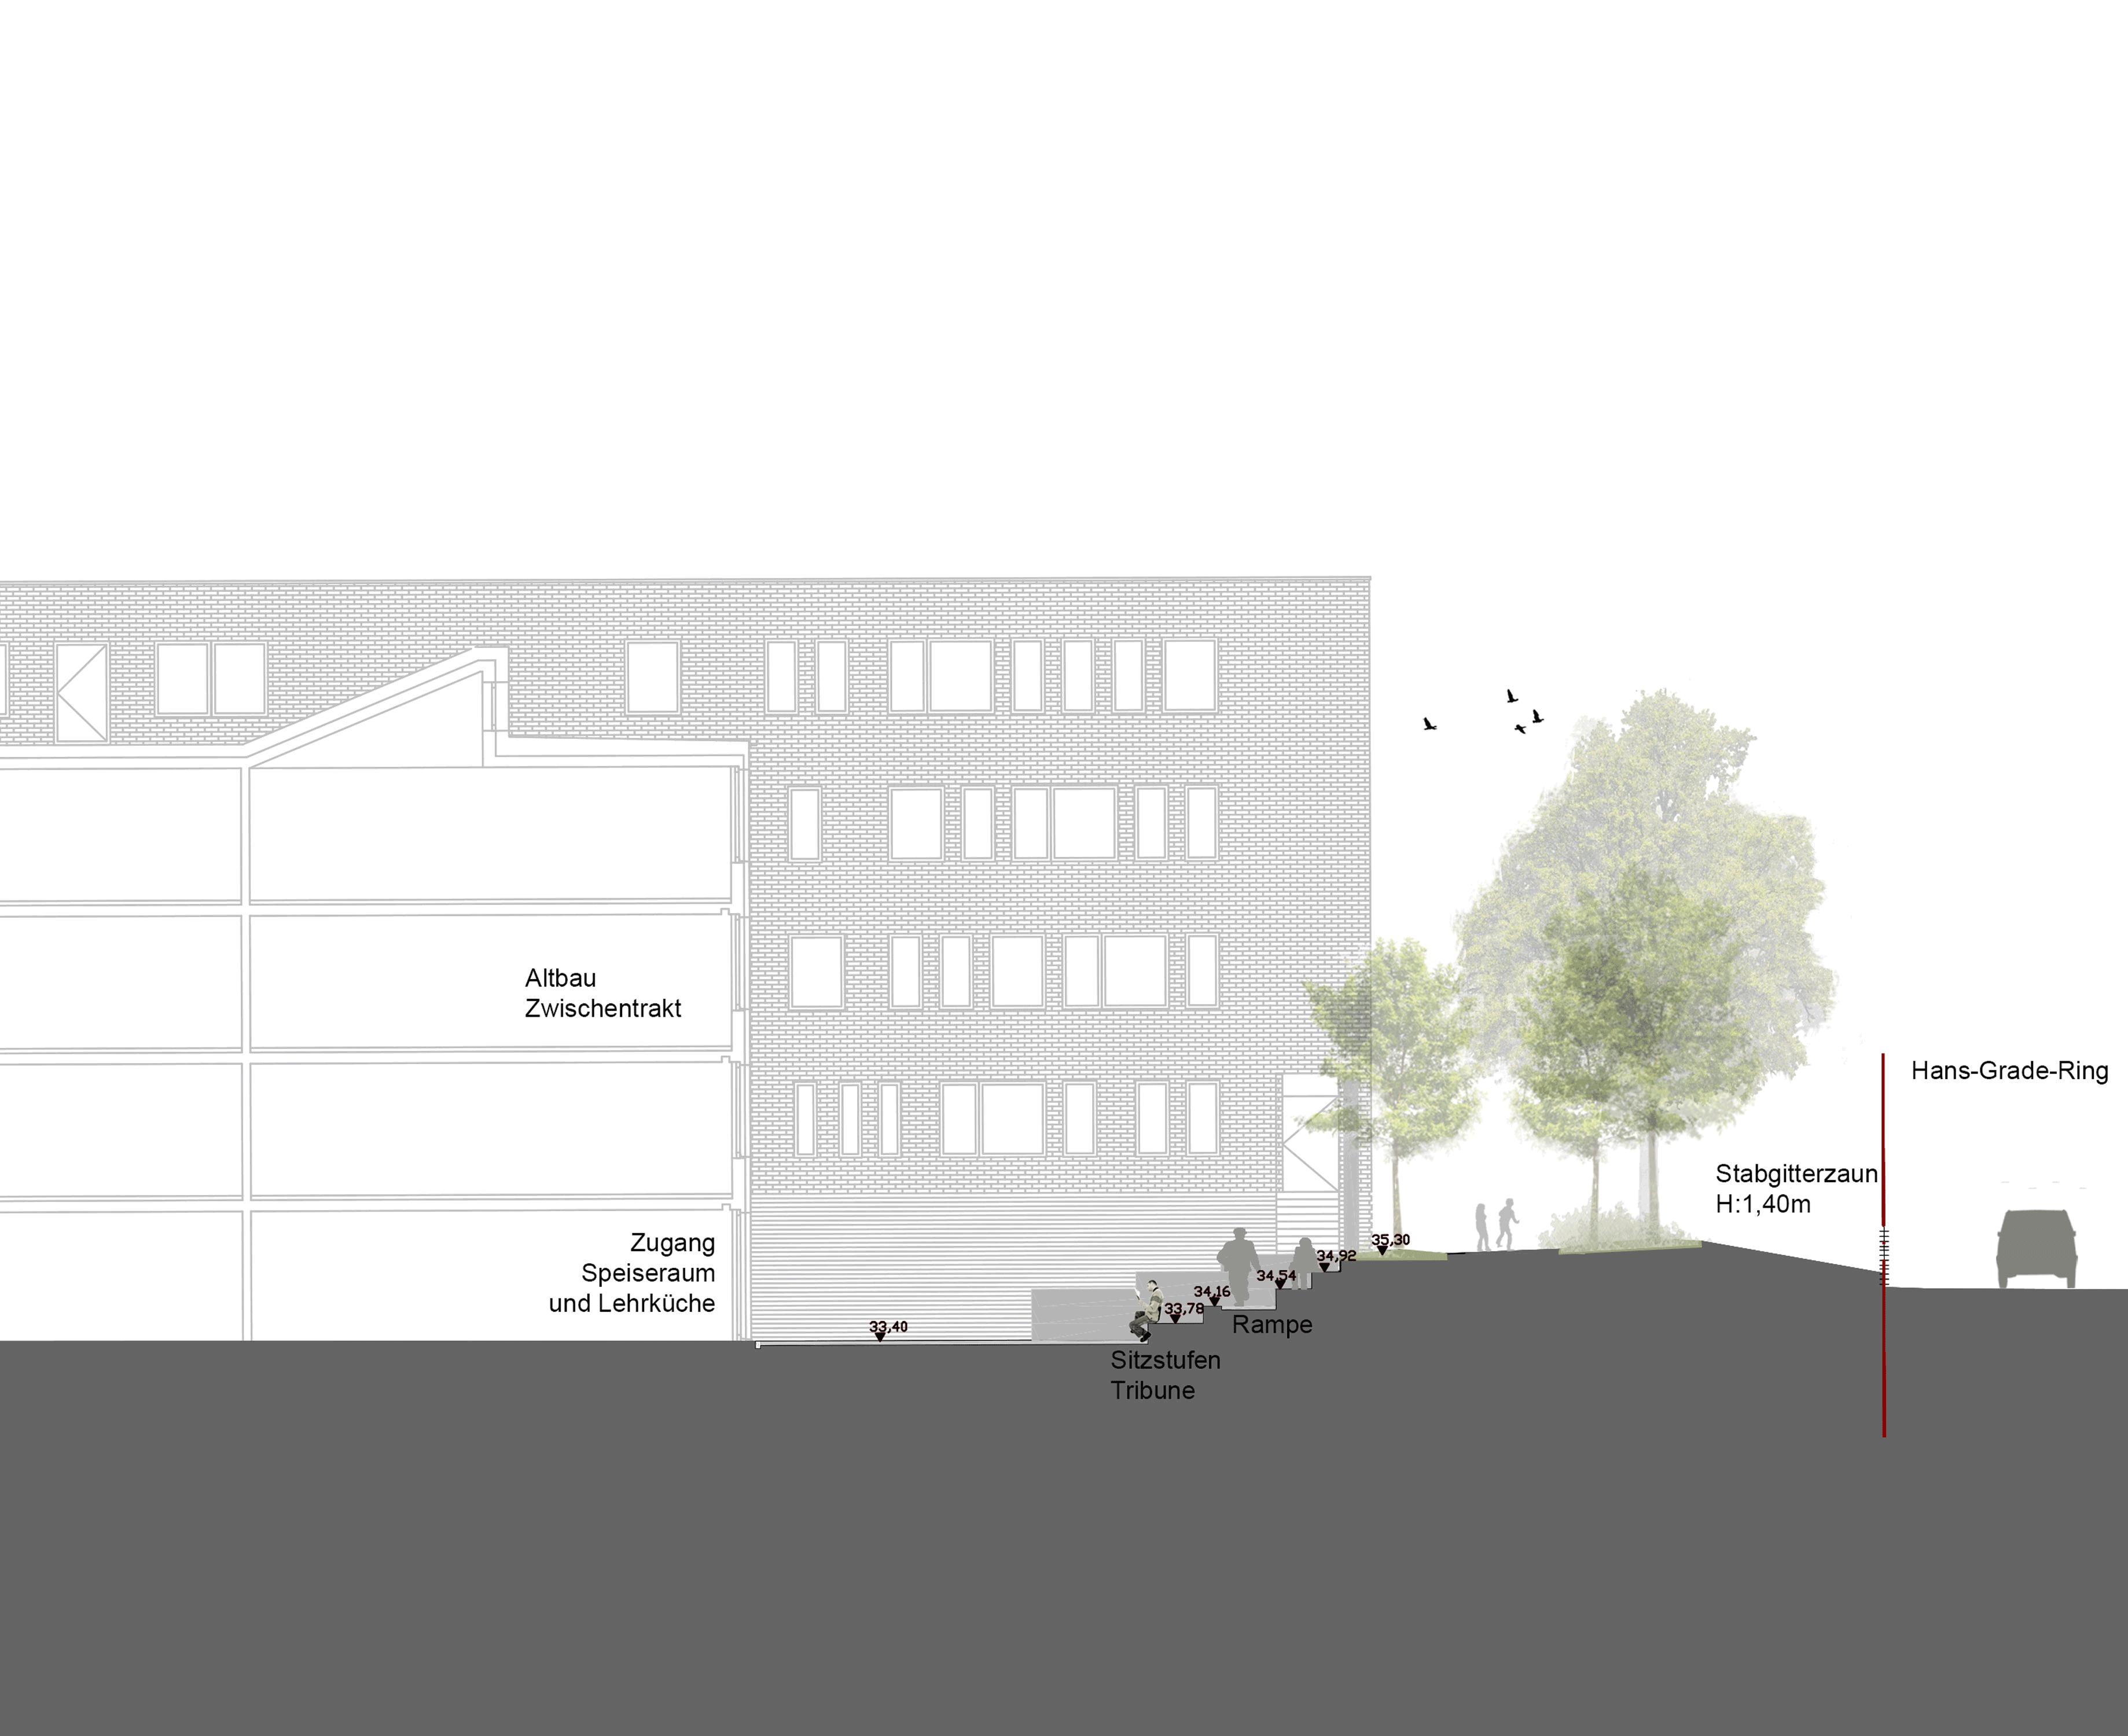 Neueplanung Außenanlagen Montessori Schule in Potsdam, Rundling